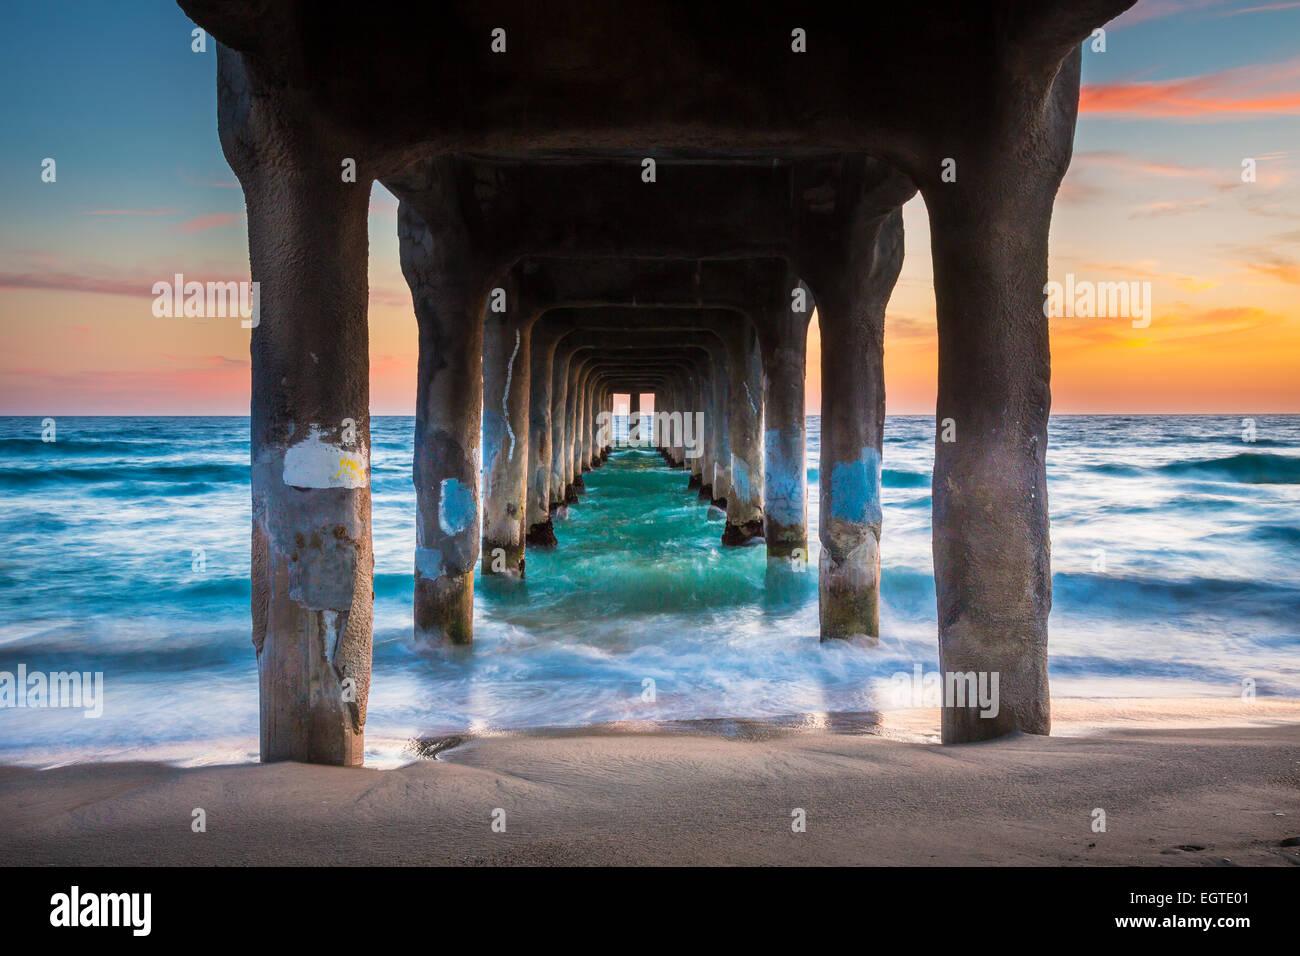 Il Porto di Manhattan è un molo situato a Manhattan Beach in California, sulla costa dell'Oceano Pacifico. Immagini Stock